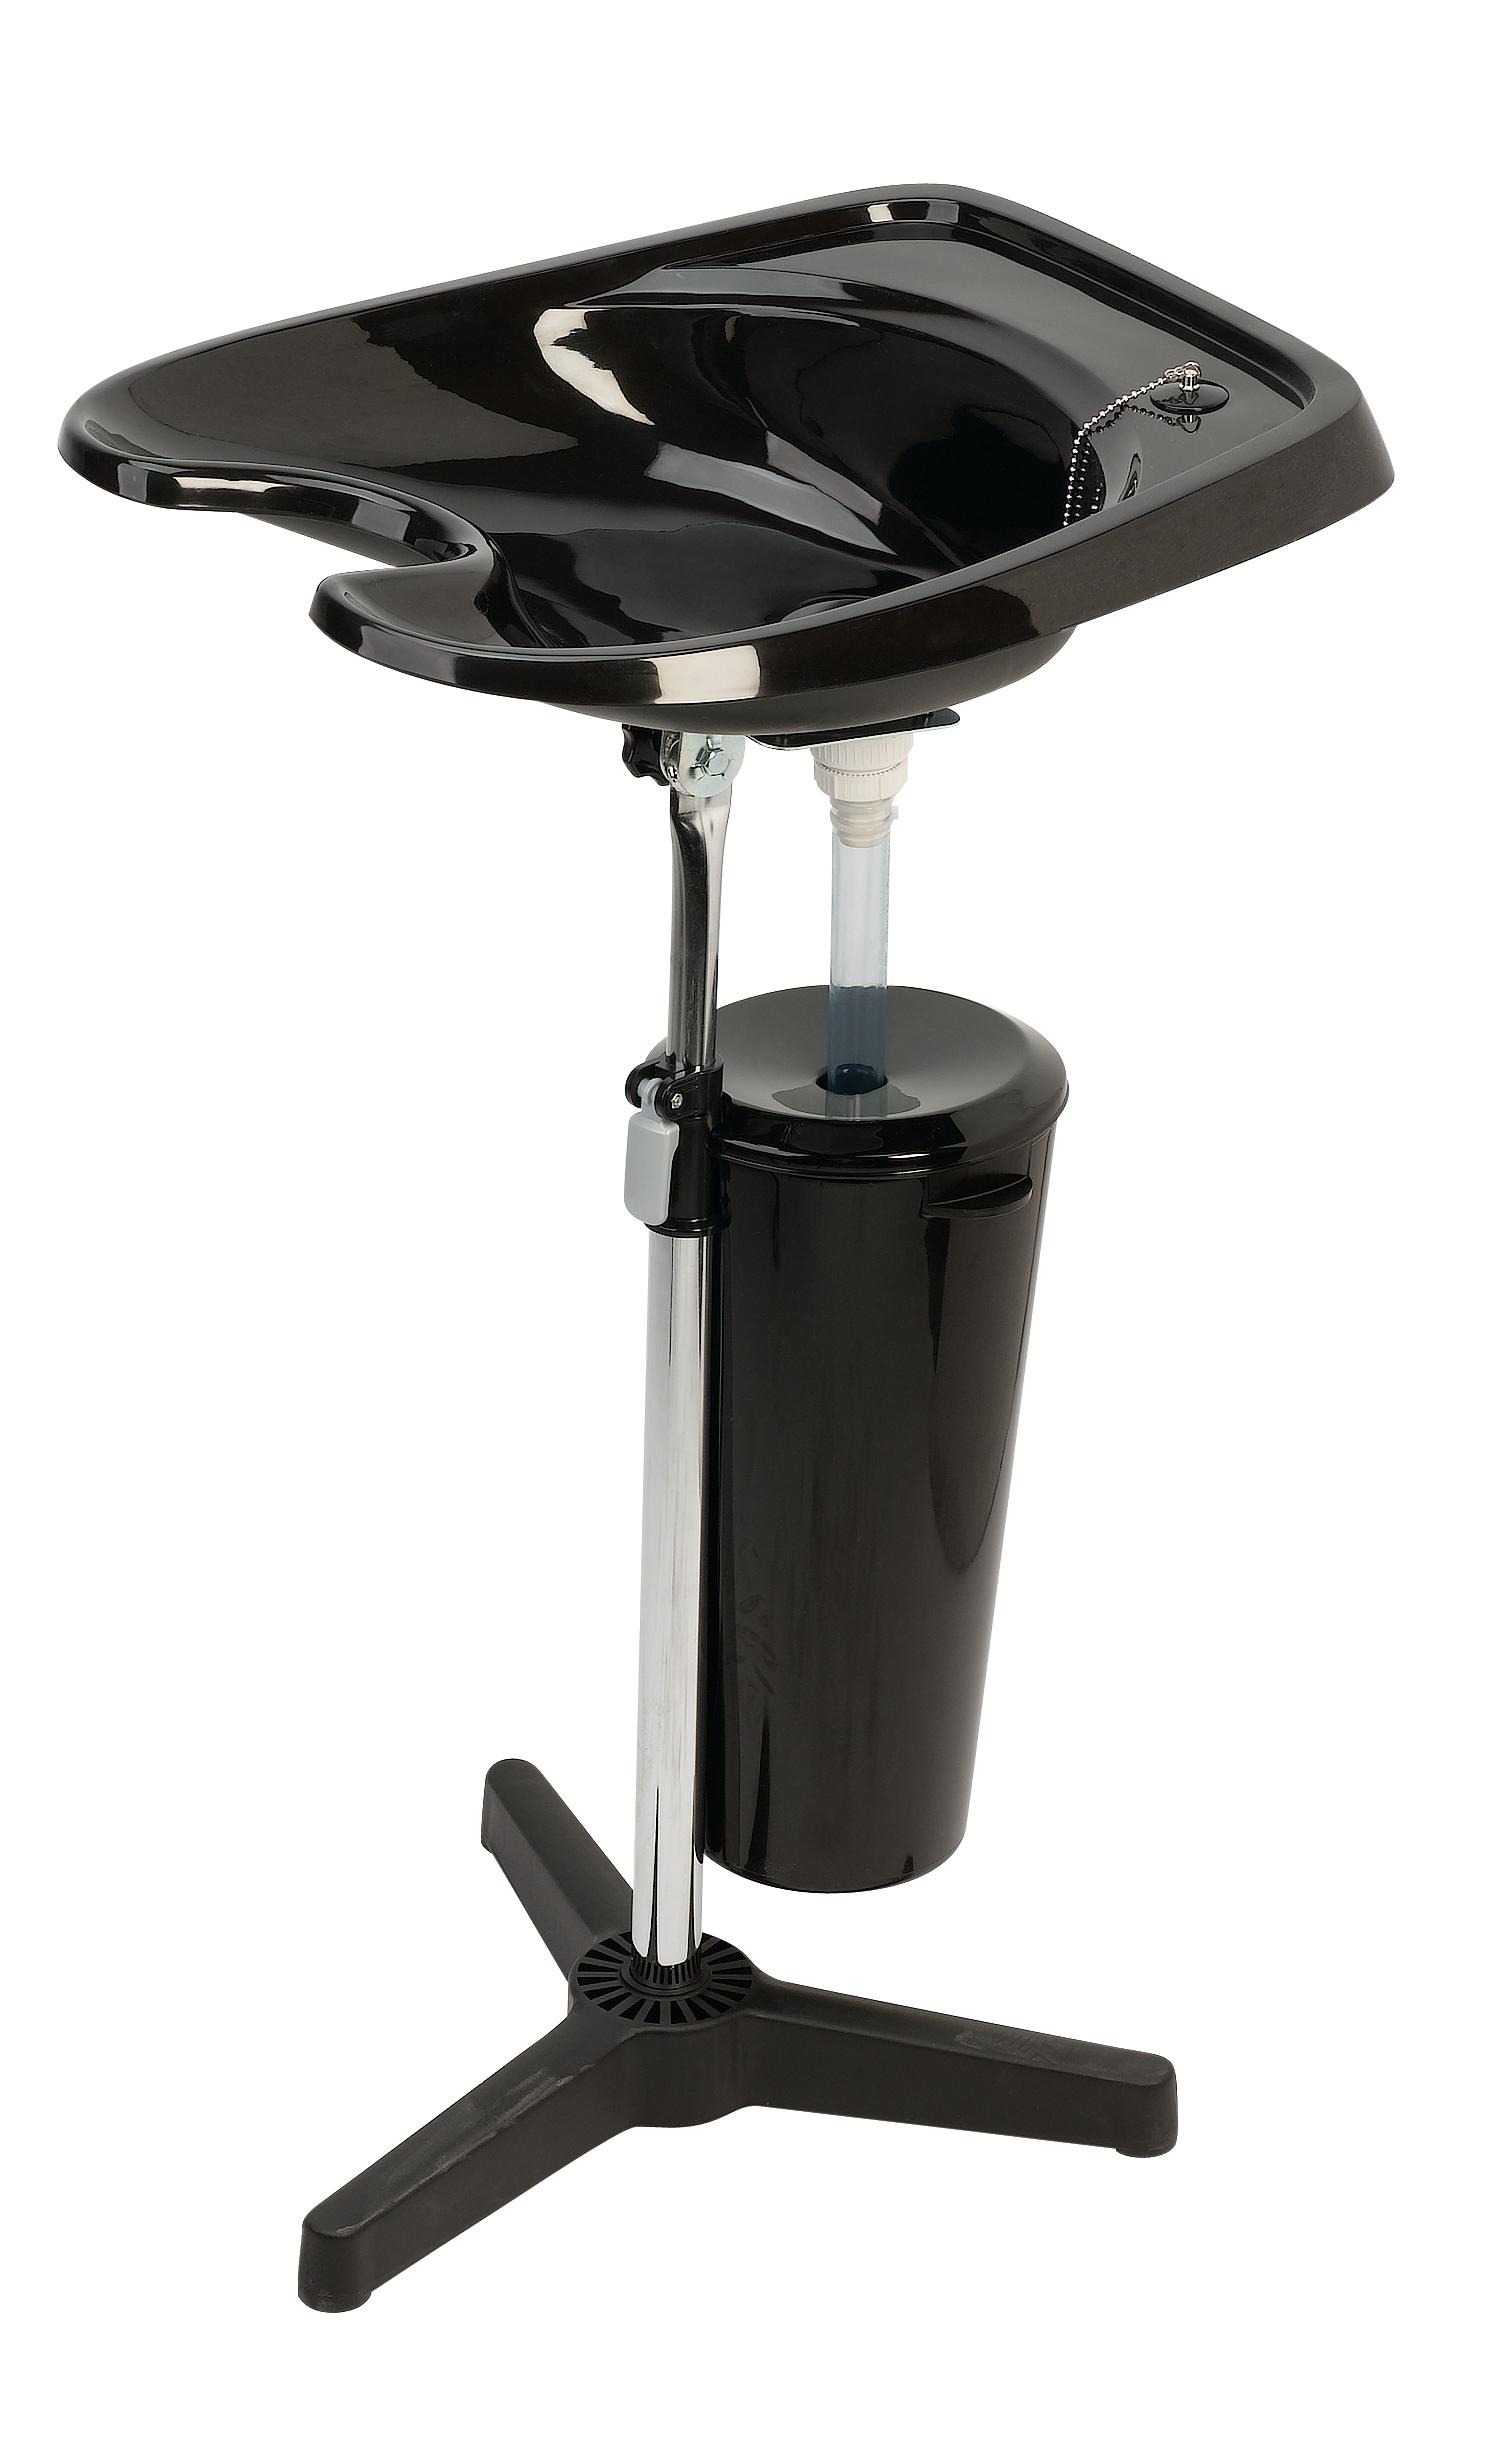 Kadeřnická mycí mísa Sibel Luxe - přenosná, černá - s odpadní nádobou (007933102) + DÁREK ZDARMA